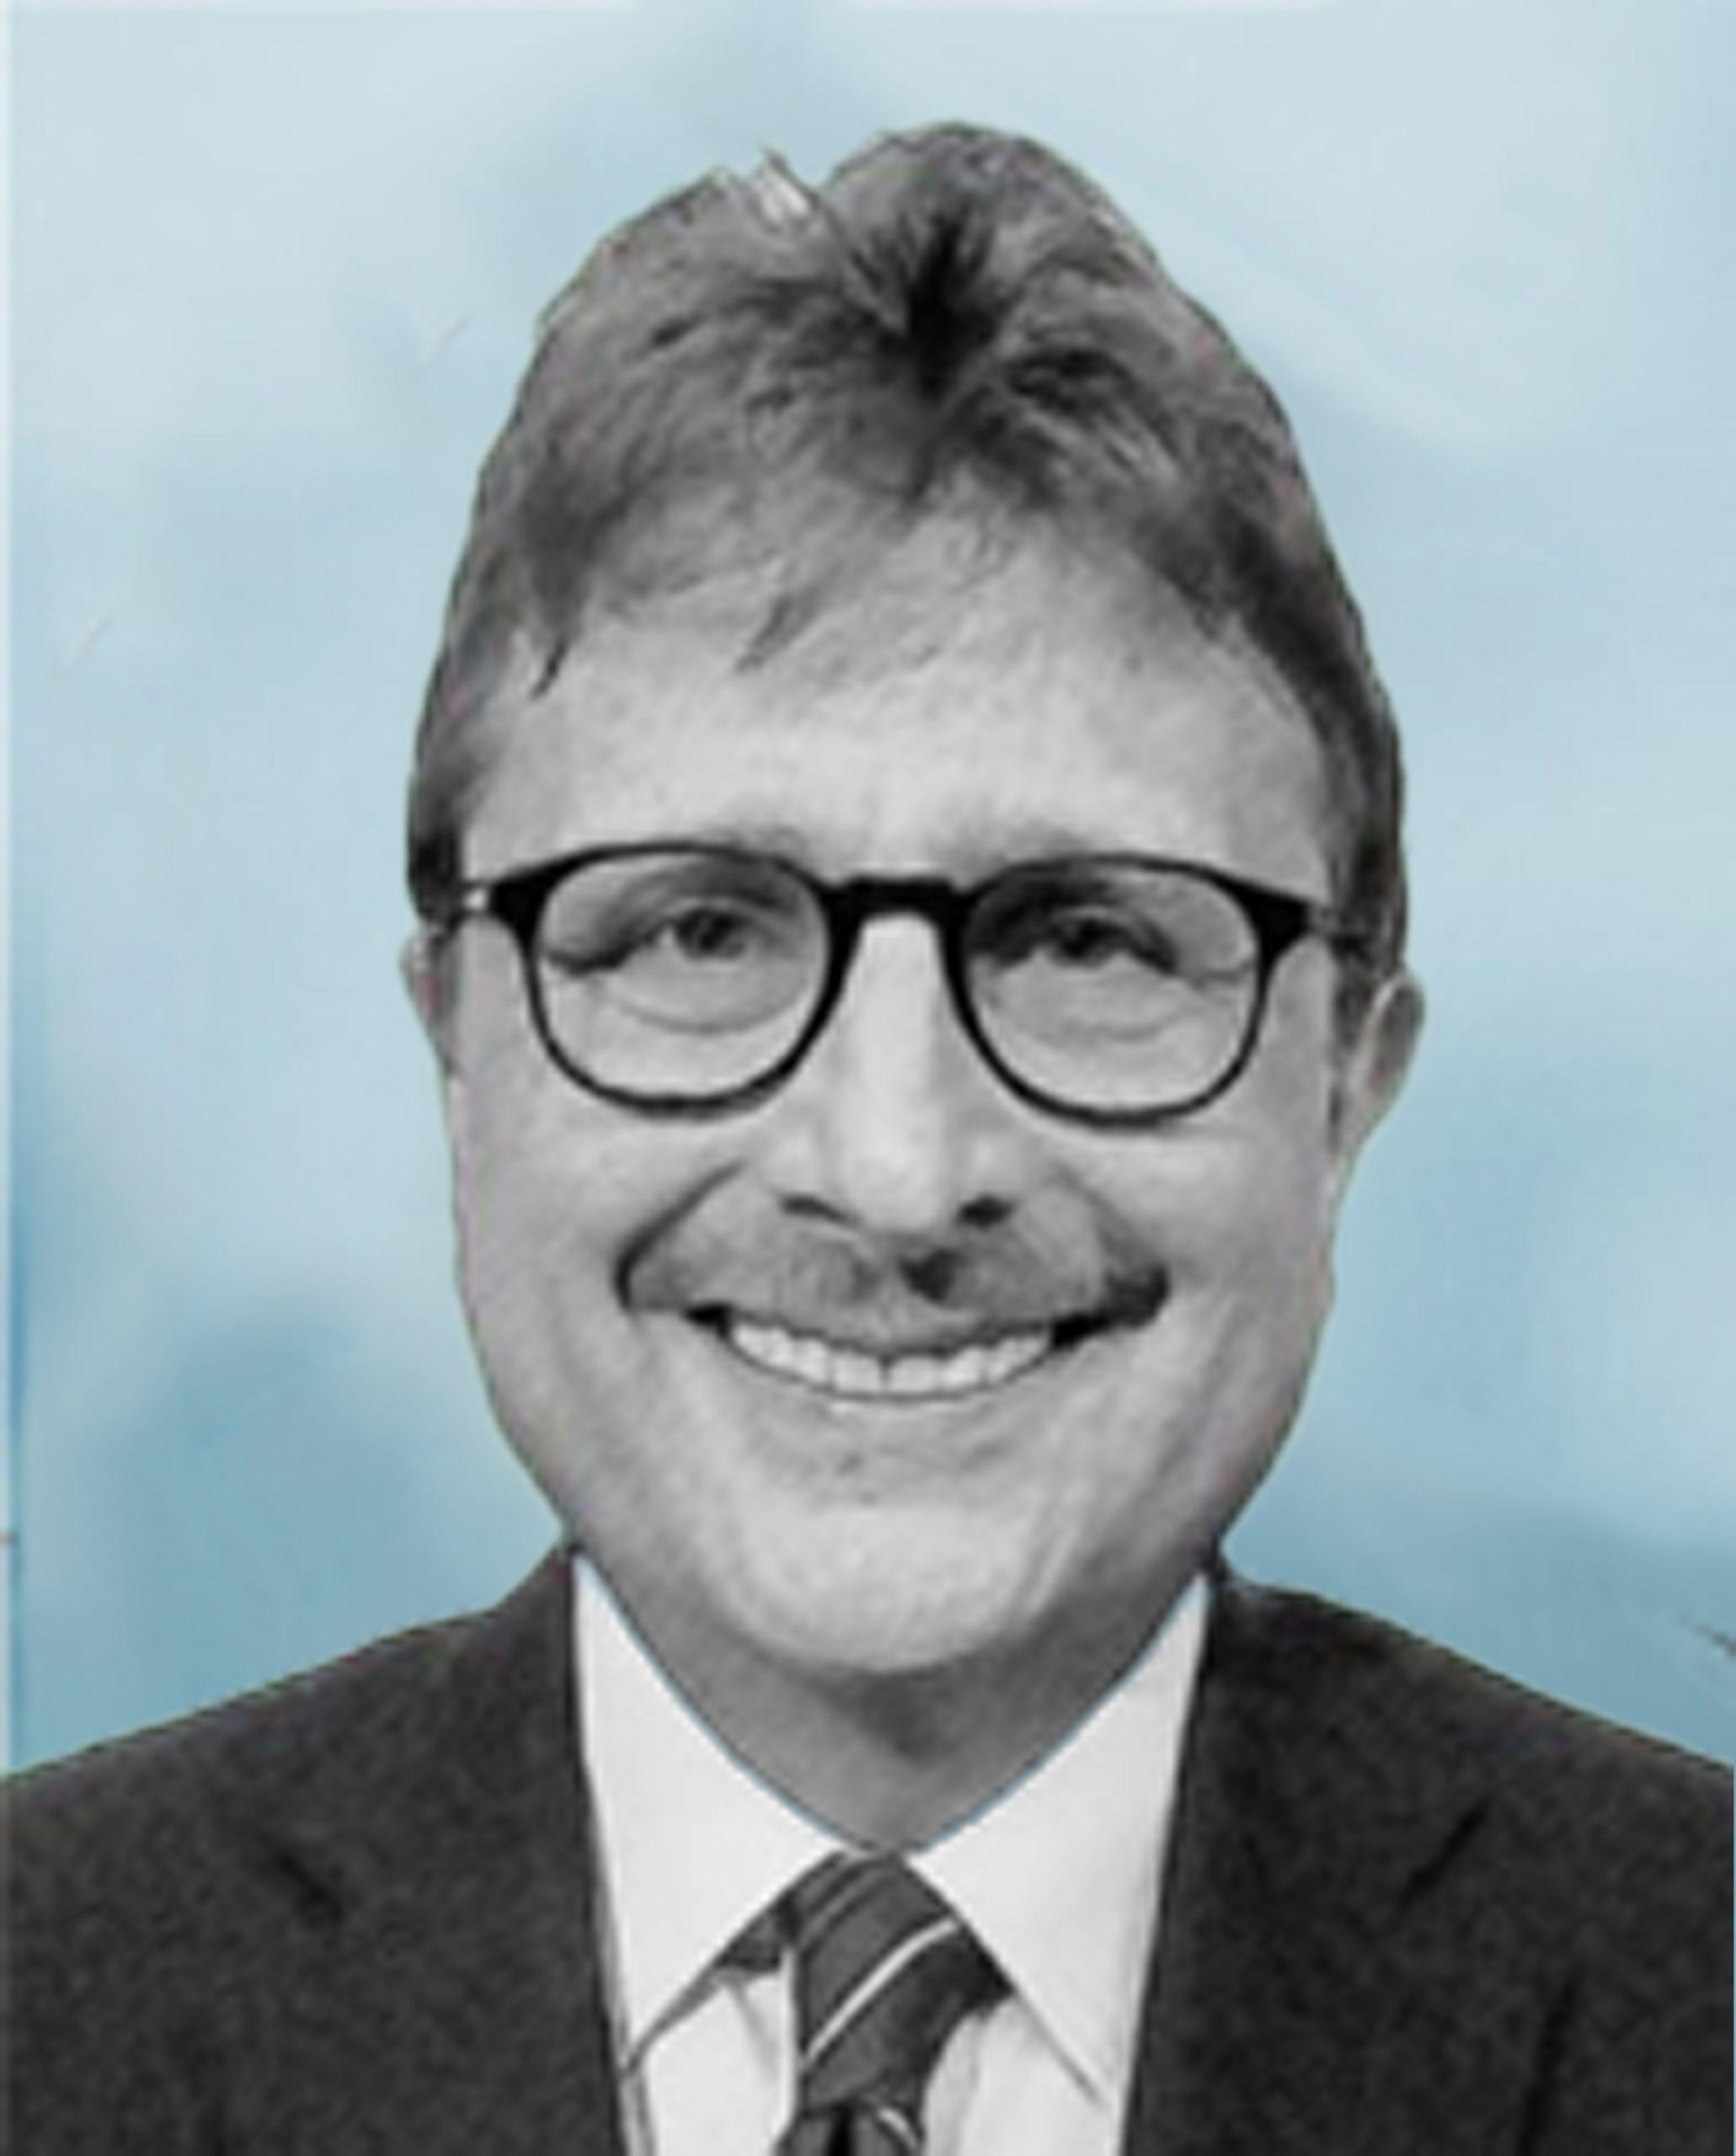 Jim Minchella